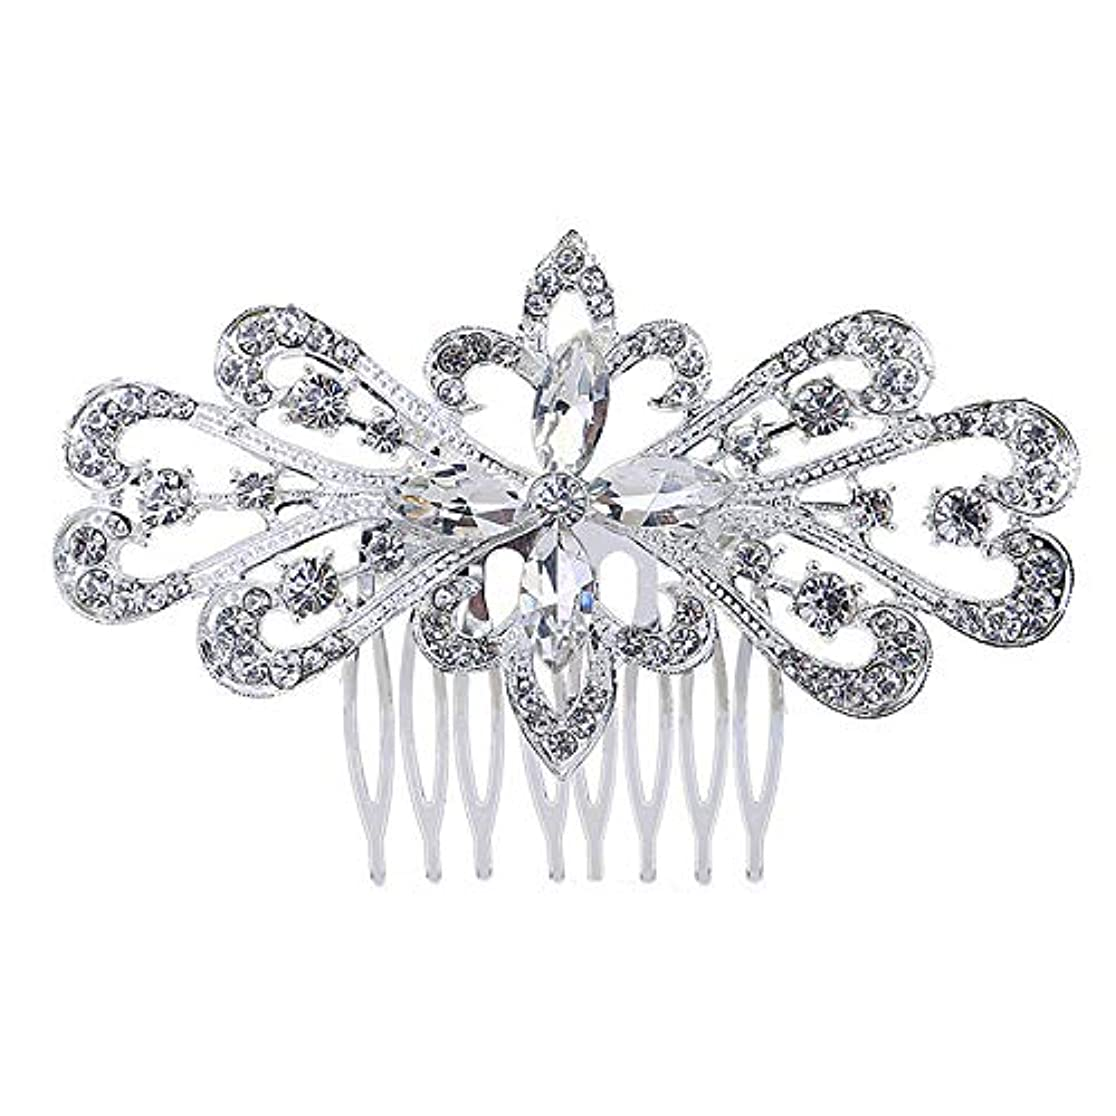 昼食司令官白雪姫髪の櫛の櫛の櫛の花嫁の髪の櫛の花の髪の櫛のラインストーンの挿入物の櫛の合金の帽子の結婚式のアクセサリー